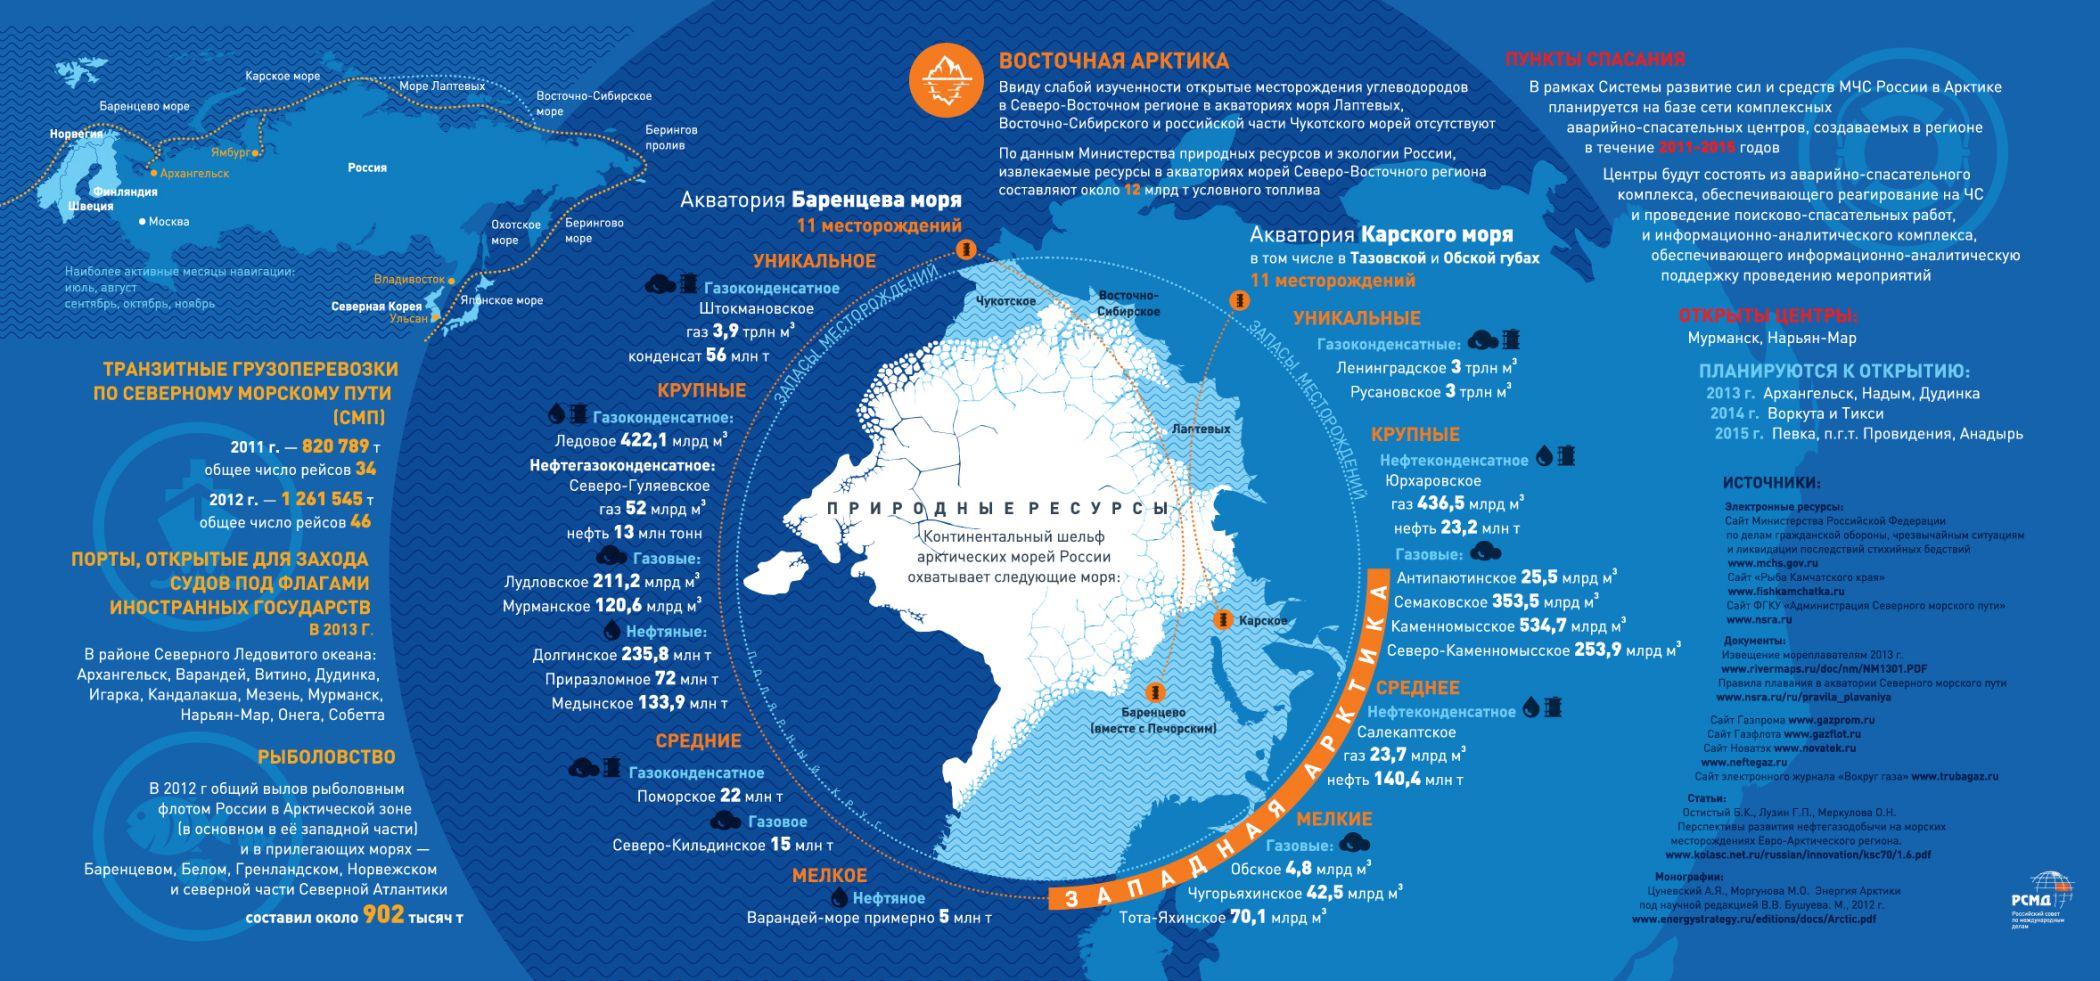 Природные ресурсы Арктики.  Инфографика РСМД.